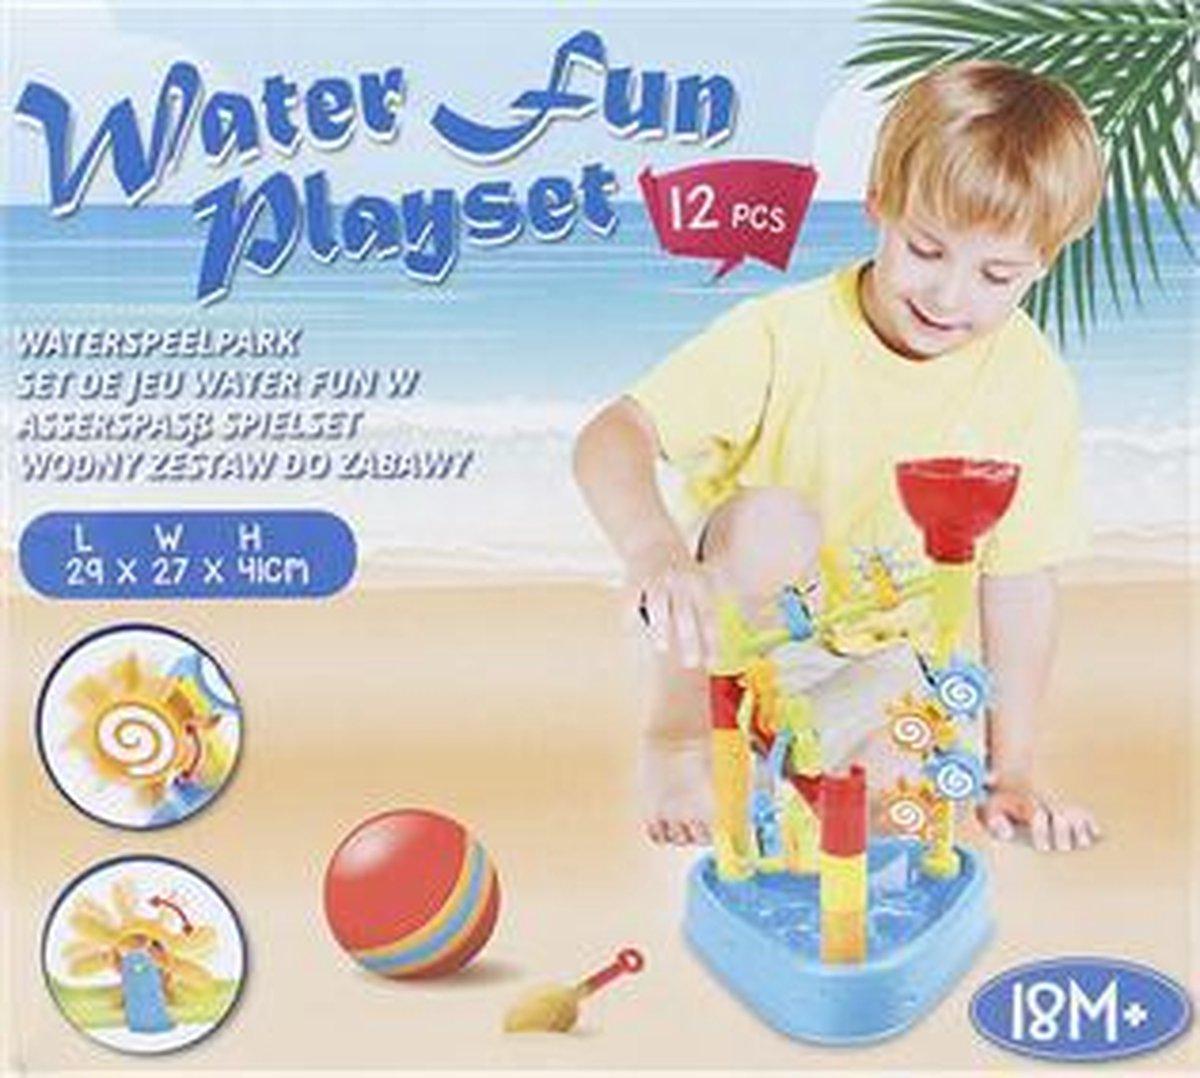 Waterspeelpark speelset (12 delig)